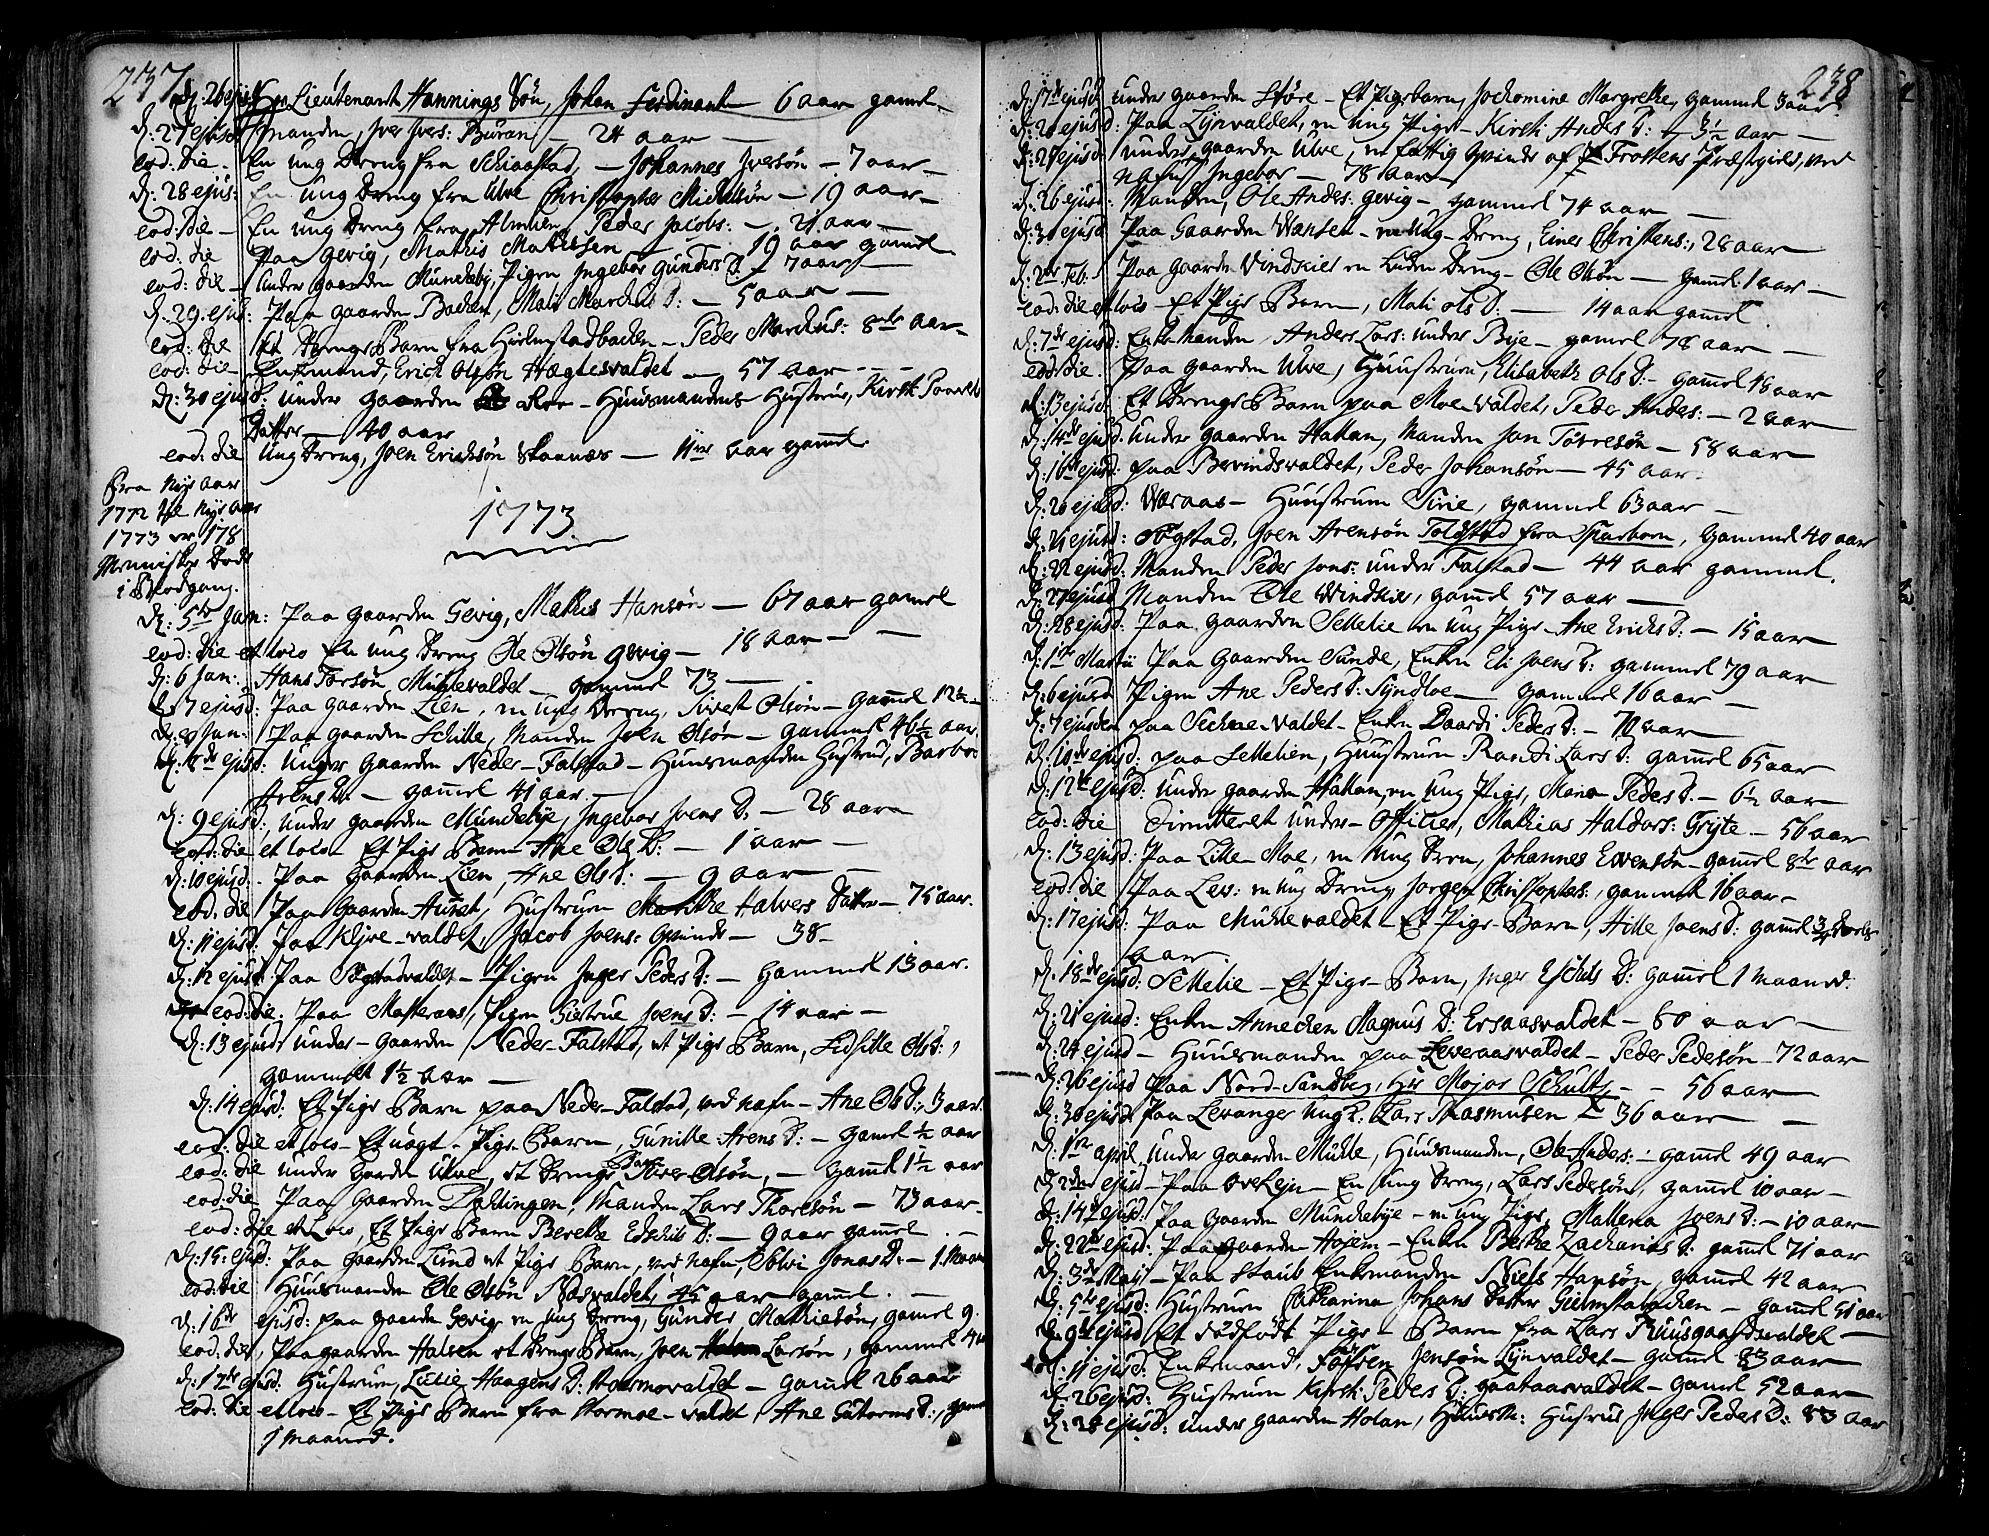 SAT, Ministerialprotokoller, klokkerbøker og fødselsregistre - Nord-Trøndelag, 717/L0141: Ministerialbok nr. 717A01, 1747-1803, s. 237-238